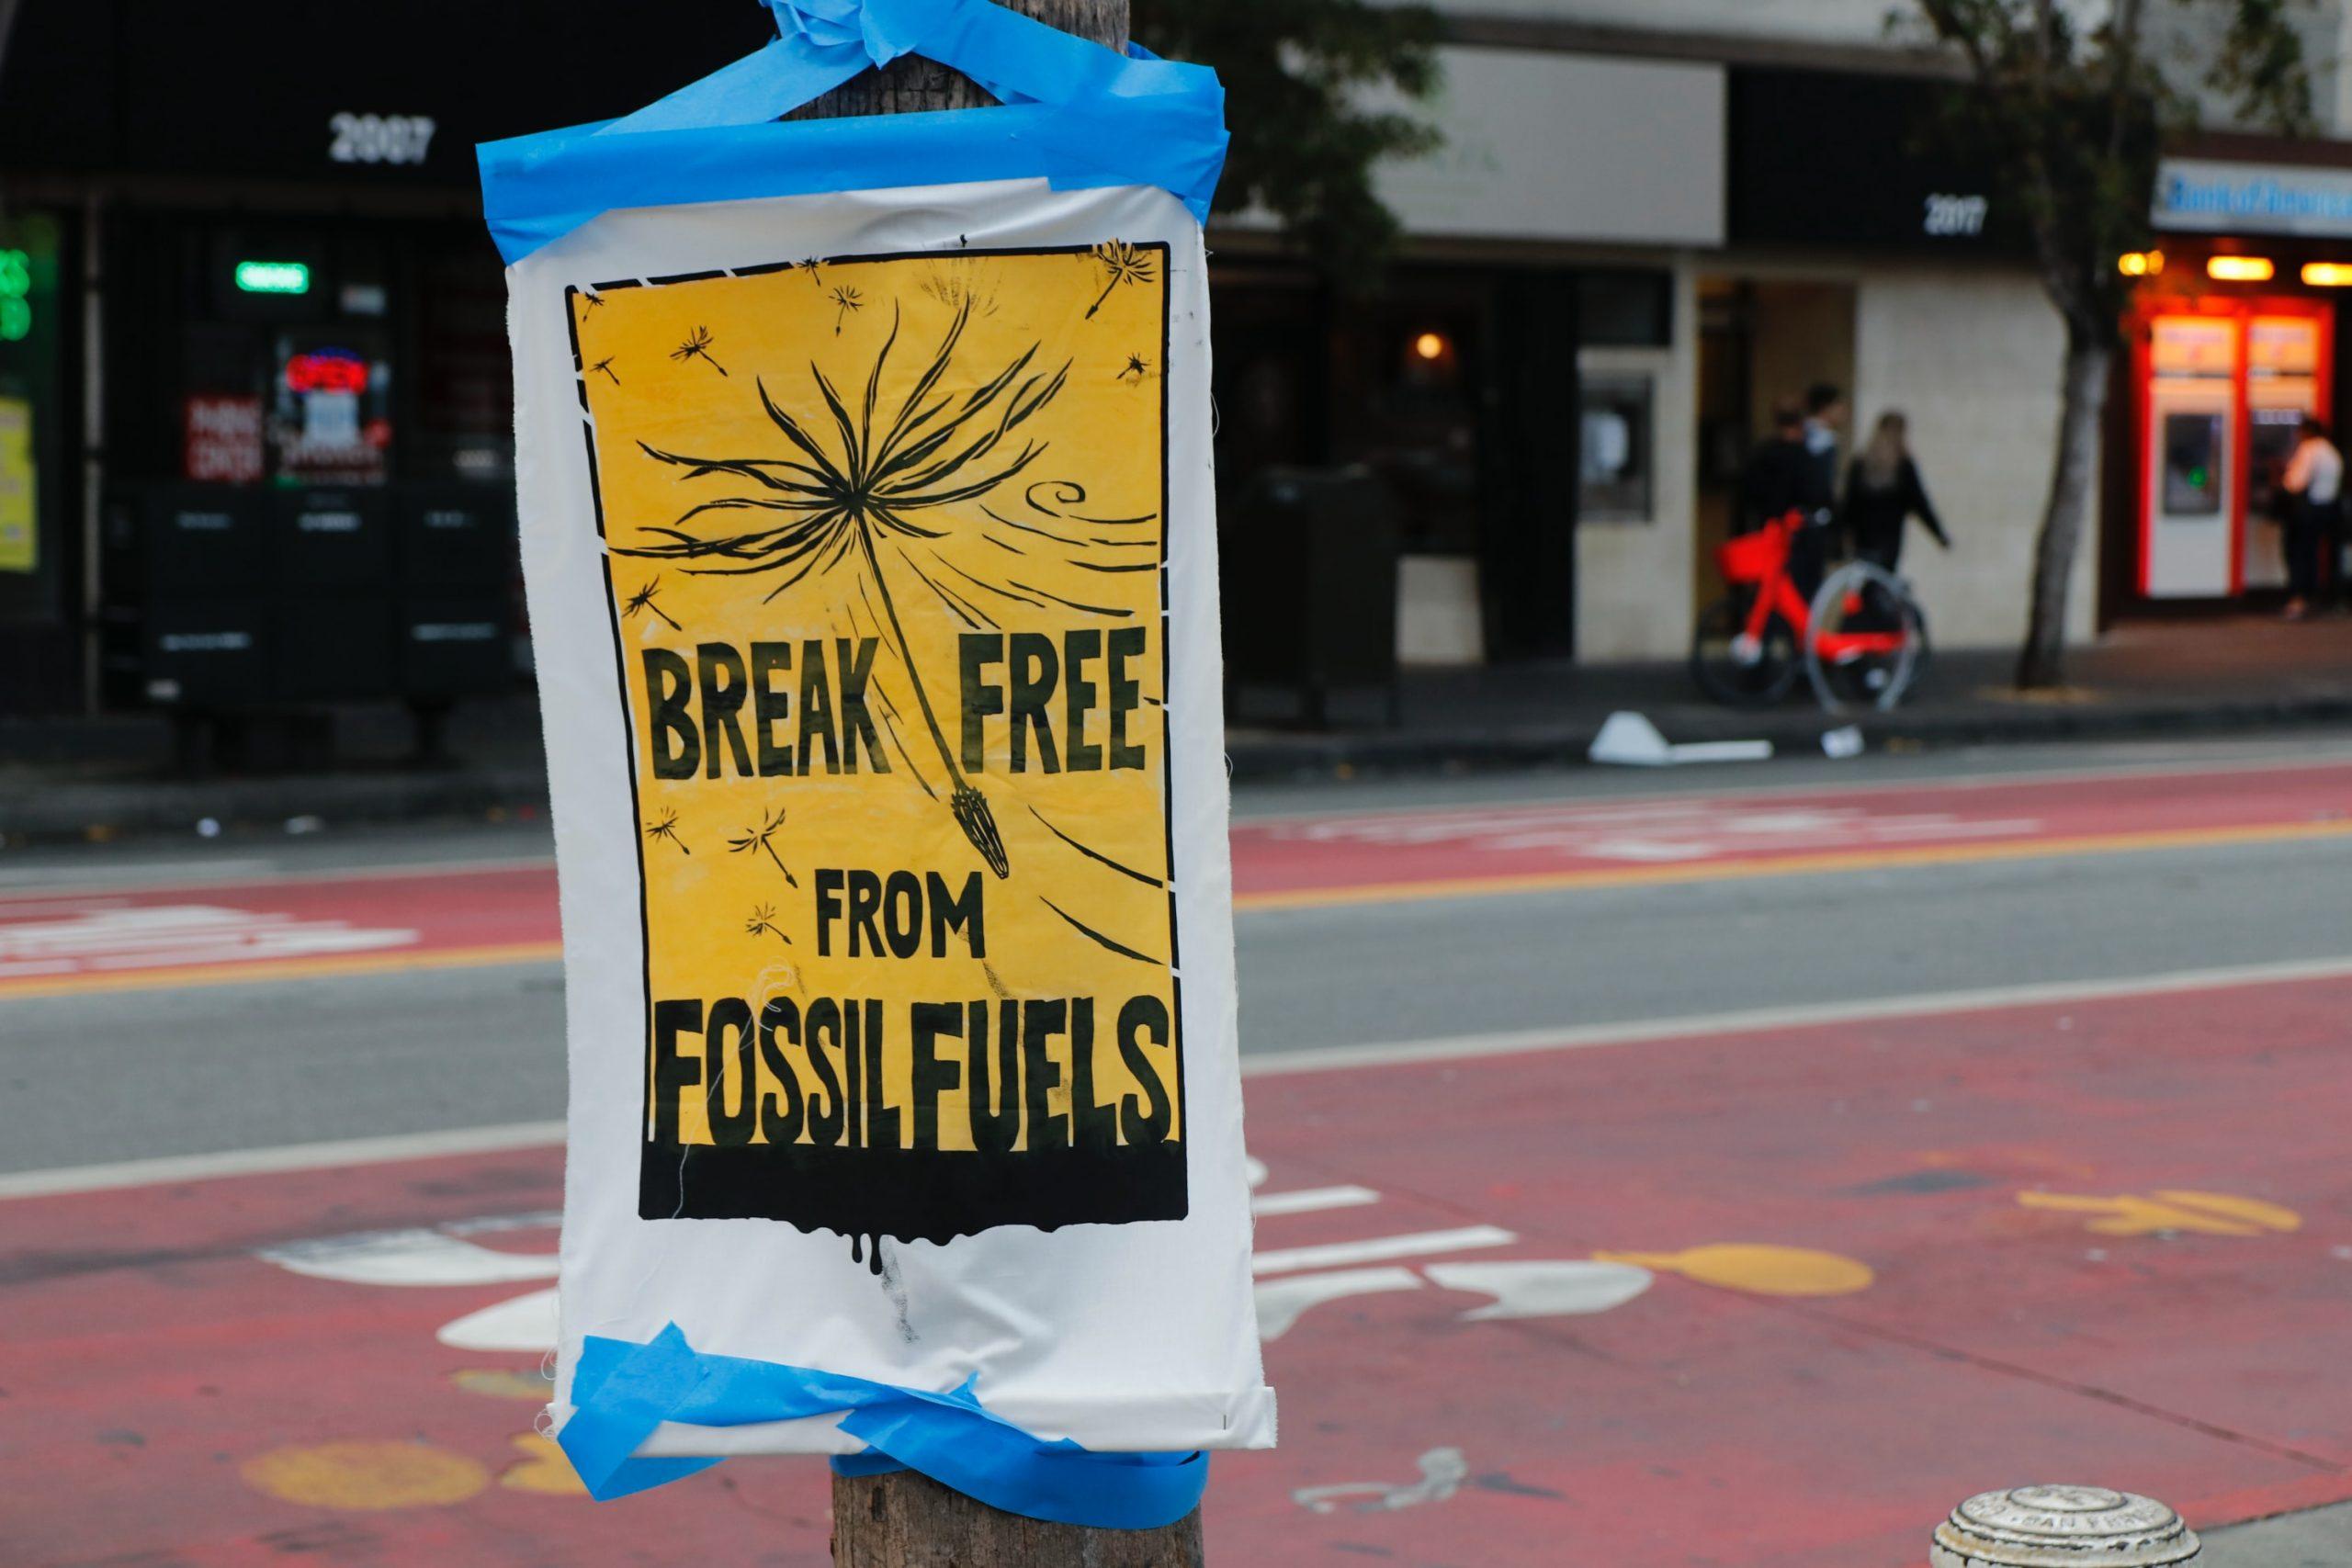 Kynnys ry:n lausunto fossiilittoman liikenteen tiekartta -luonnoksesta